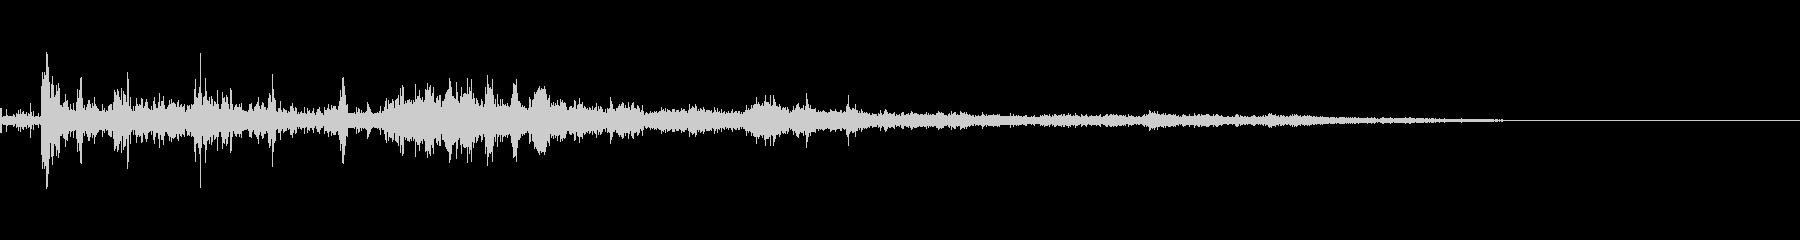 カミナリ(遠雷)-15の未再生の波形